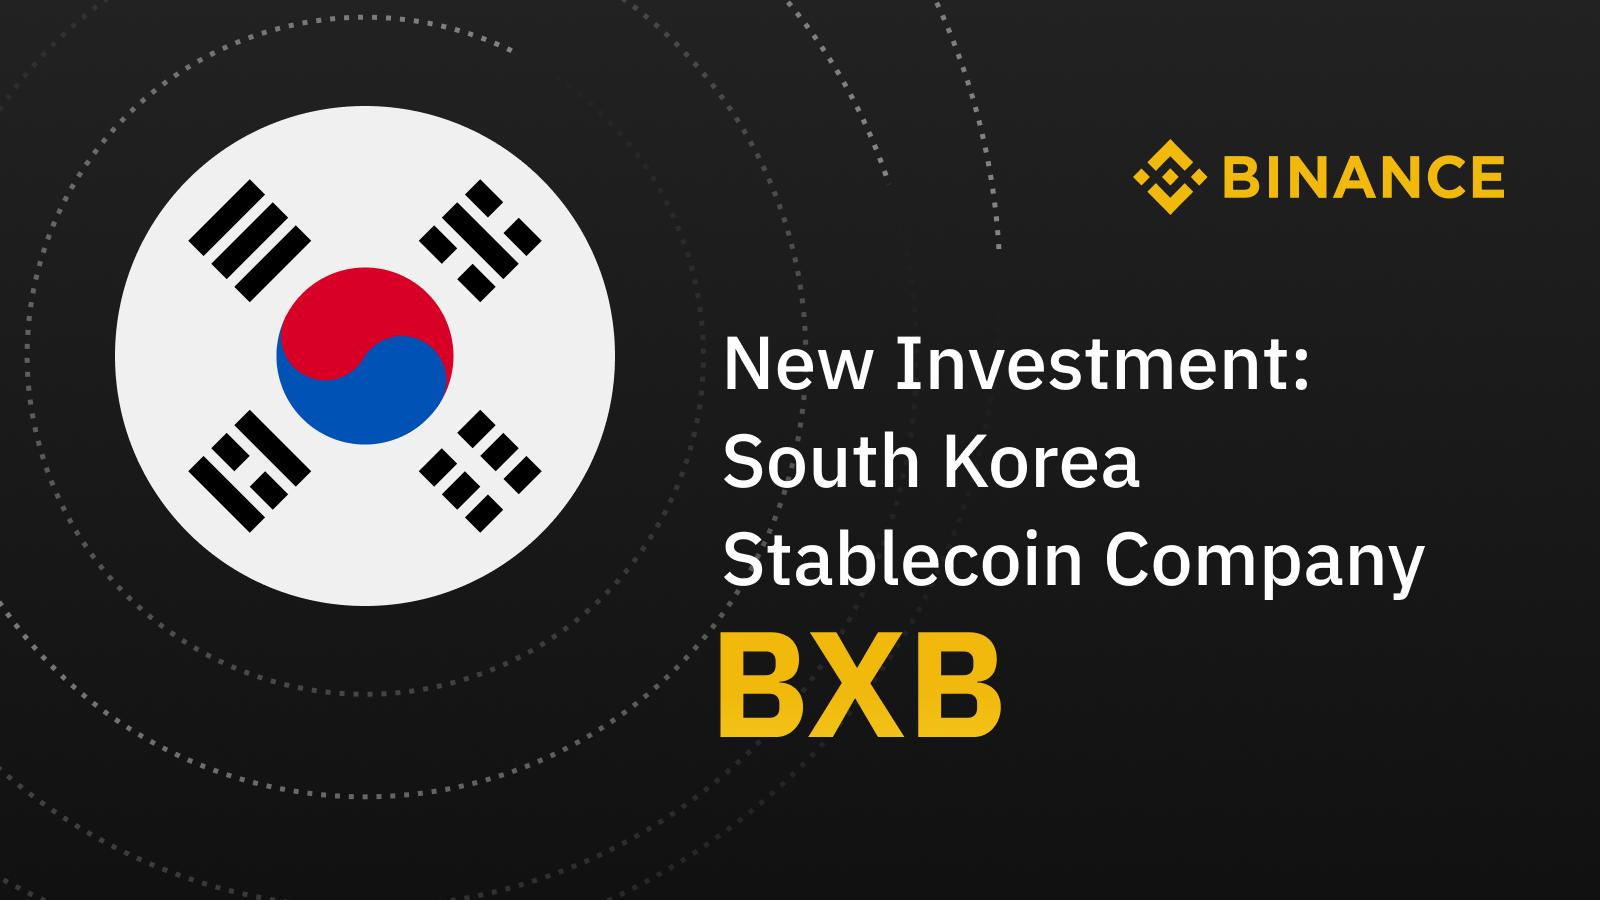 Binance đầu tư vào Công ty BxB về Stablecoin có trụ sở tại Hàn Quốc